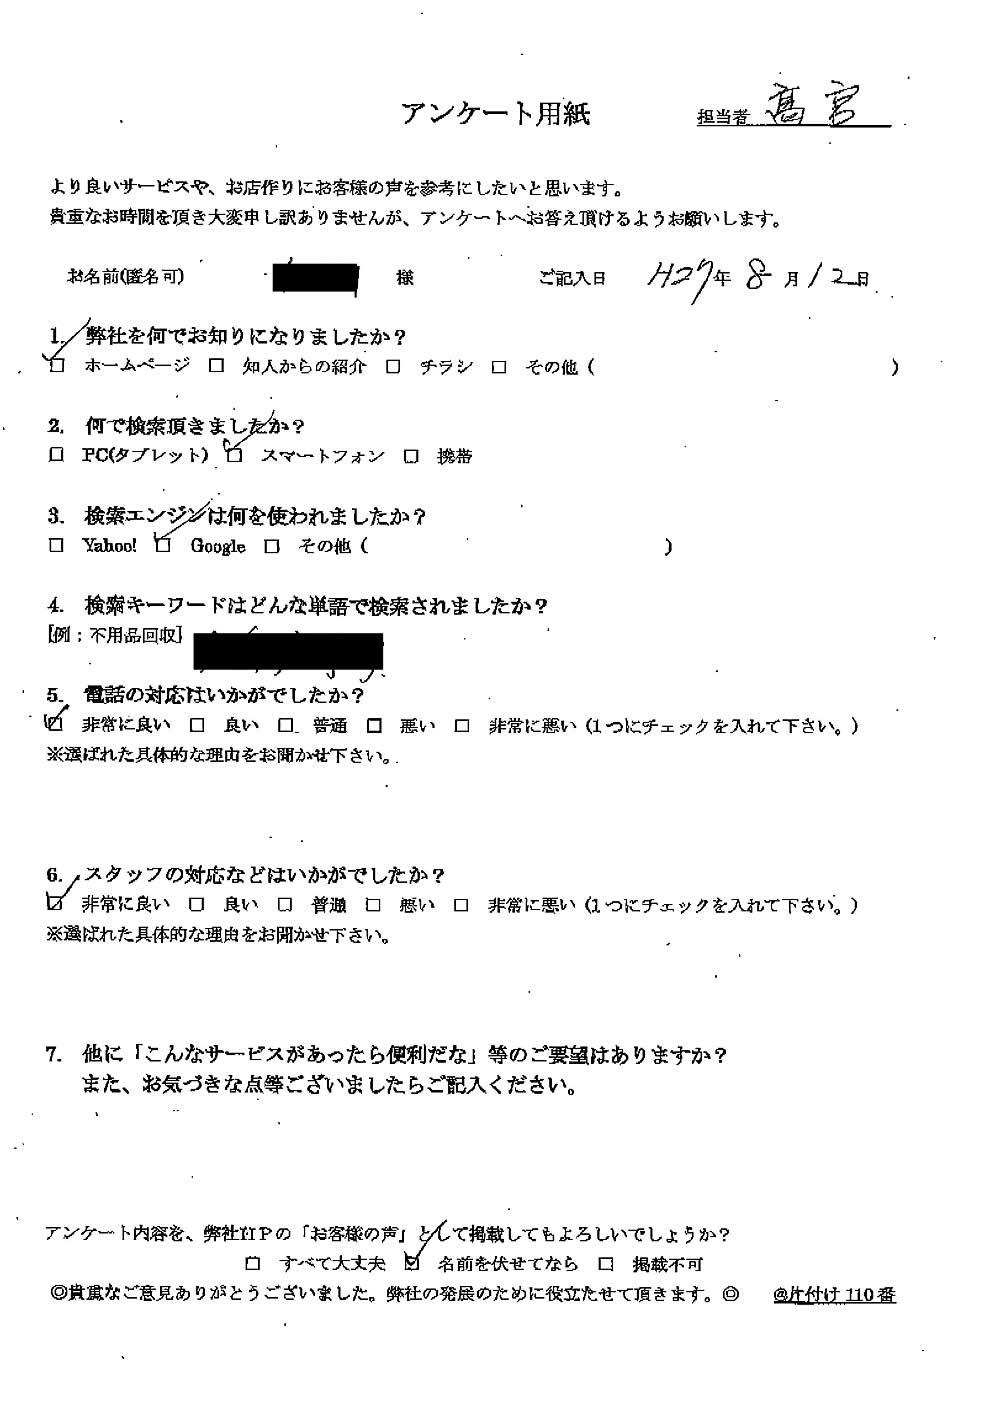 【金沢市】大掃除に伴うごみ処分とキッチンクリーニング